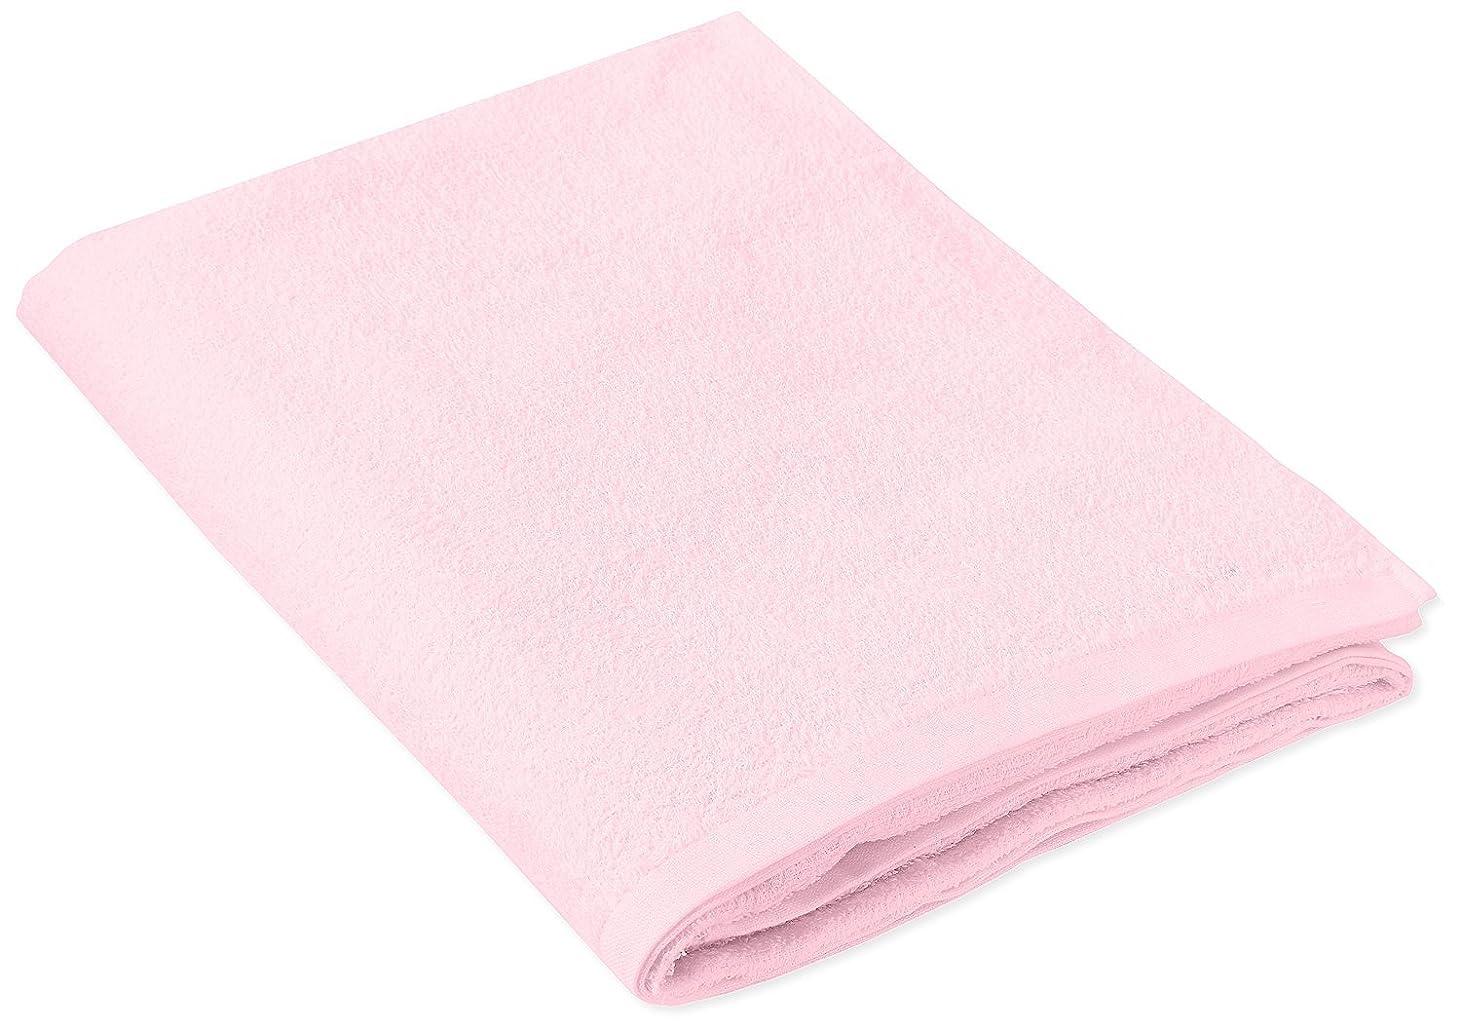 流出ピンチ払い戻しキヨタ 抗菌介護タオル(大判タオル1枚入) ピンク 80×135cm